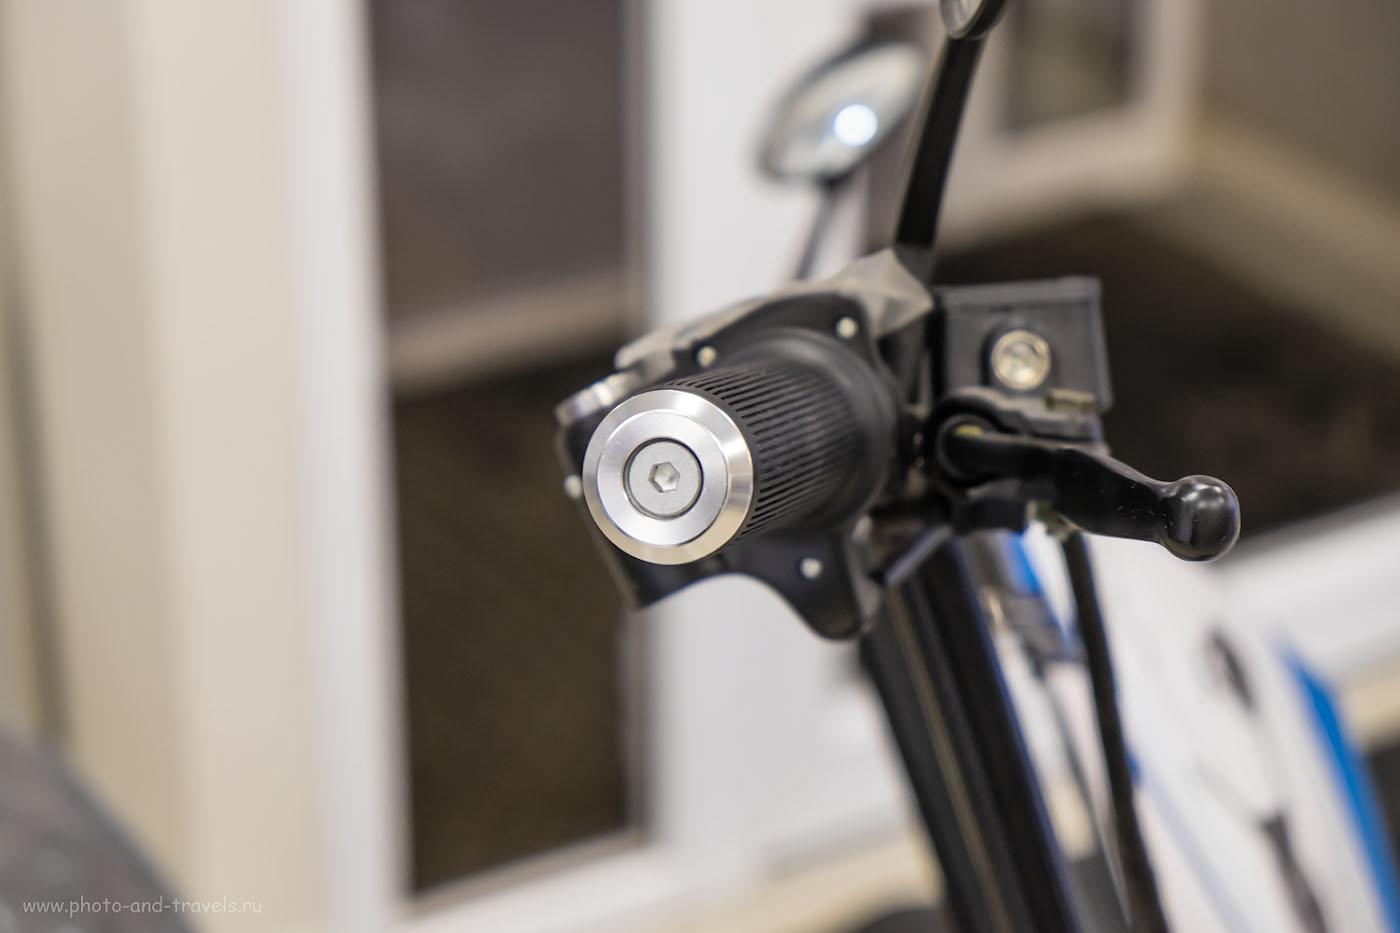 Фото 4. Сравнение фотоаппаратов. Образец с Fujifilm X-E2. 1/100, 4/0, 1250, 55.